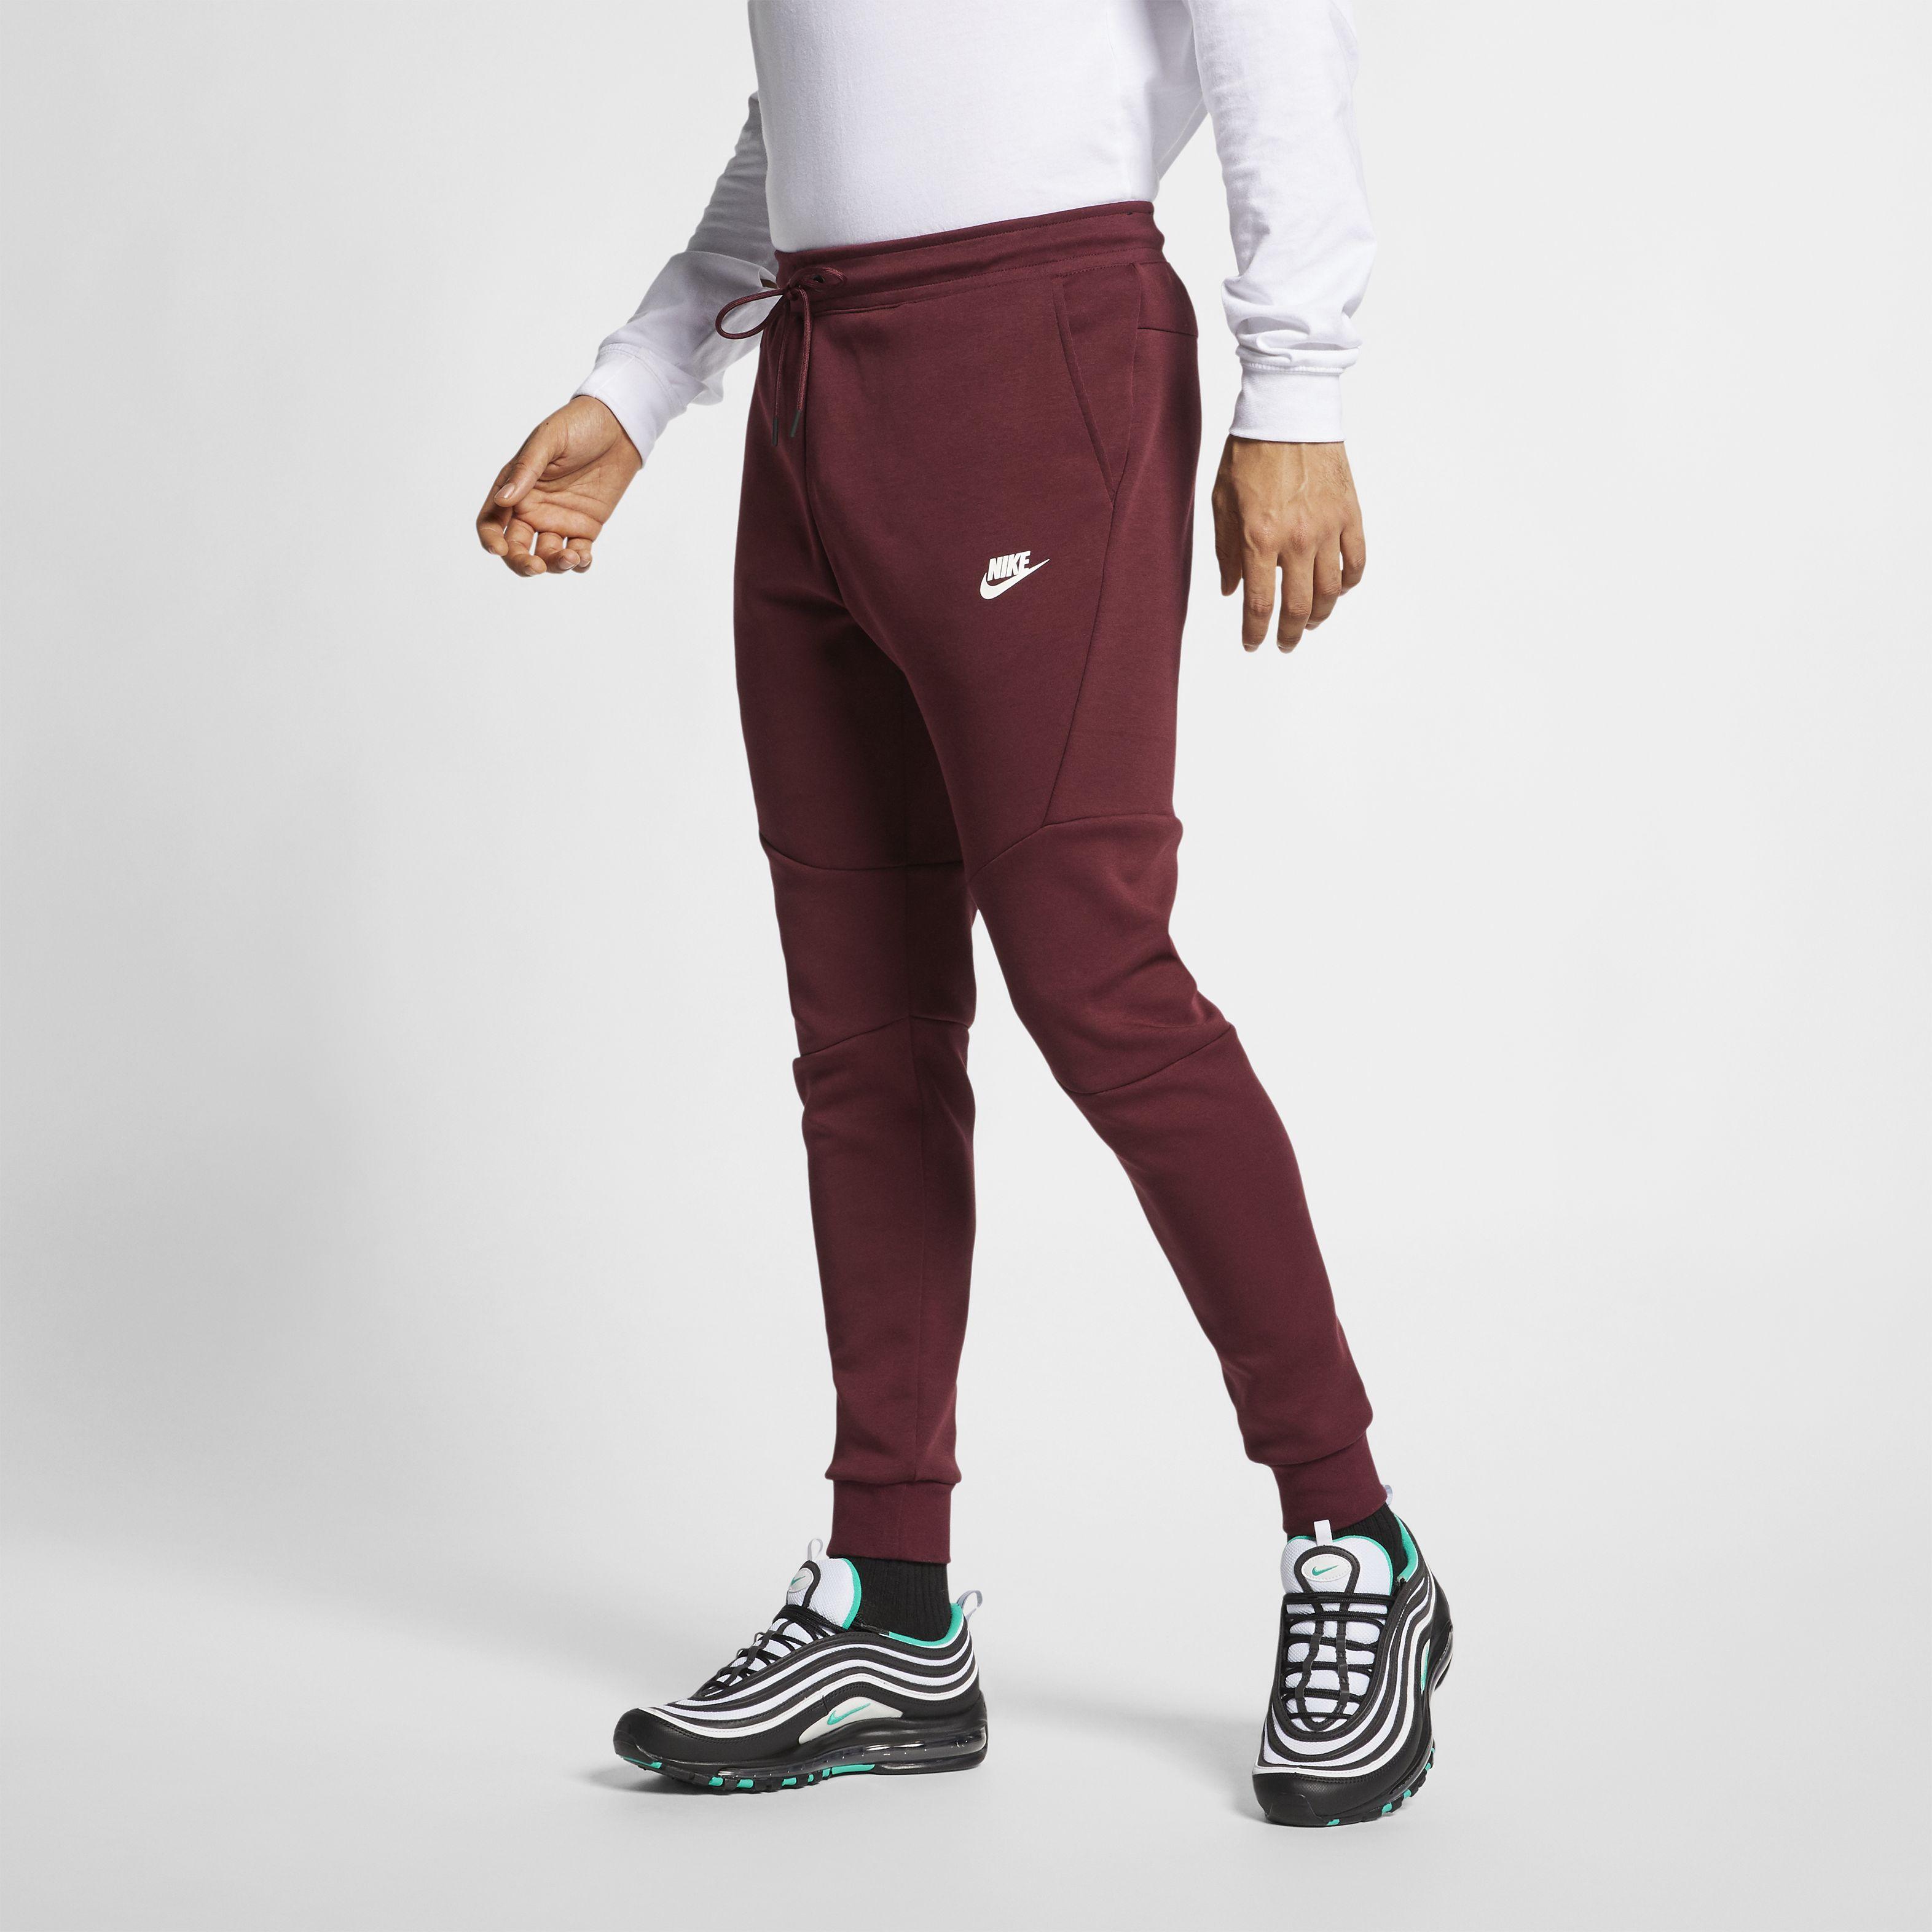 a48c58f0 Мужские брюки Nike Sportswear Tech Fleece Joggers Night Maroon/White - фото  3